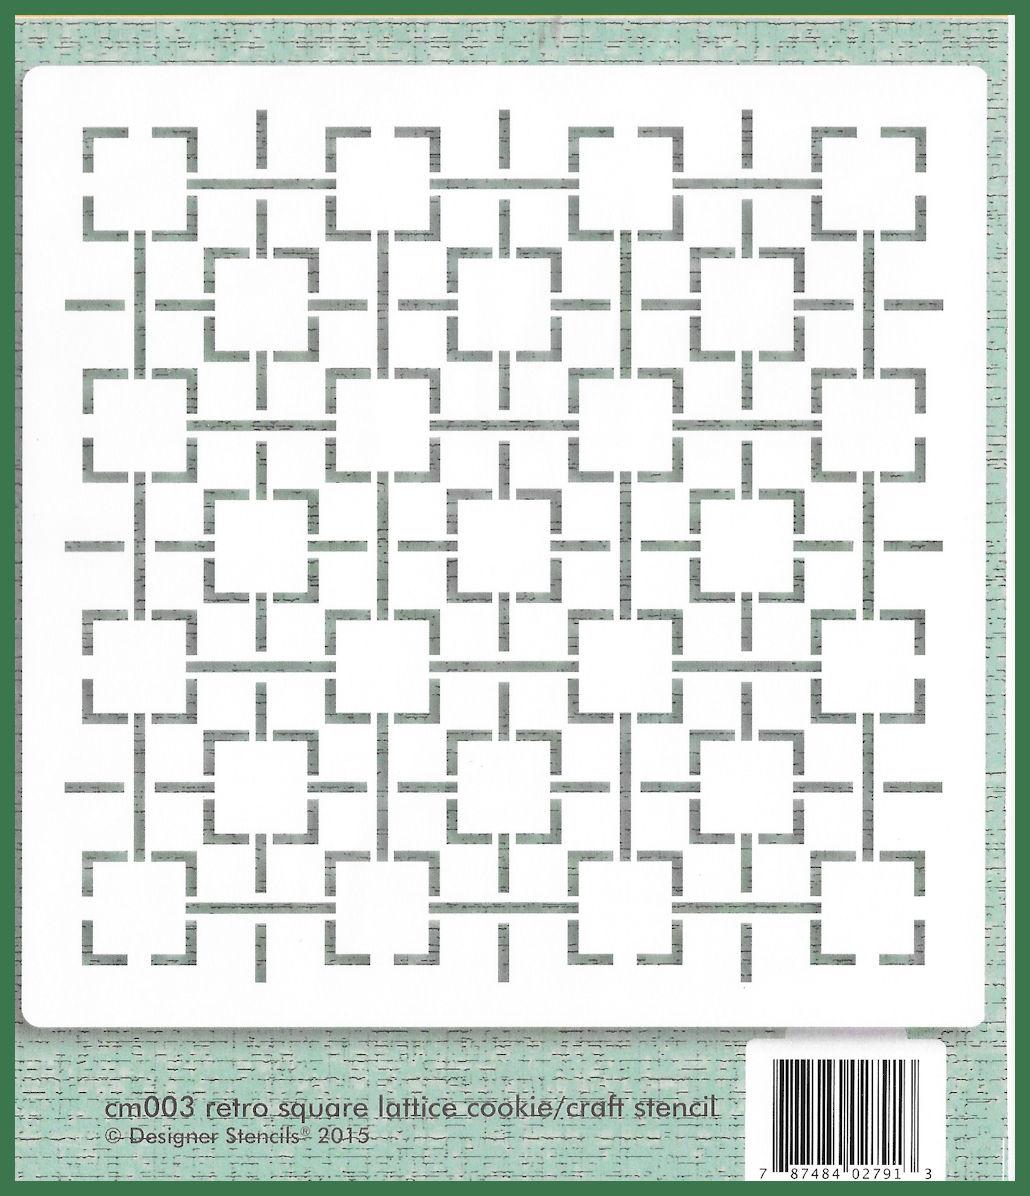 ds-retro-square-lattice-8748402791.jpg